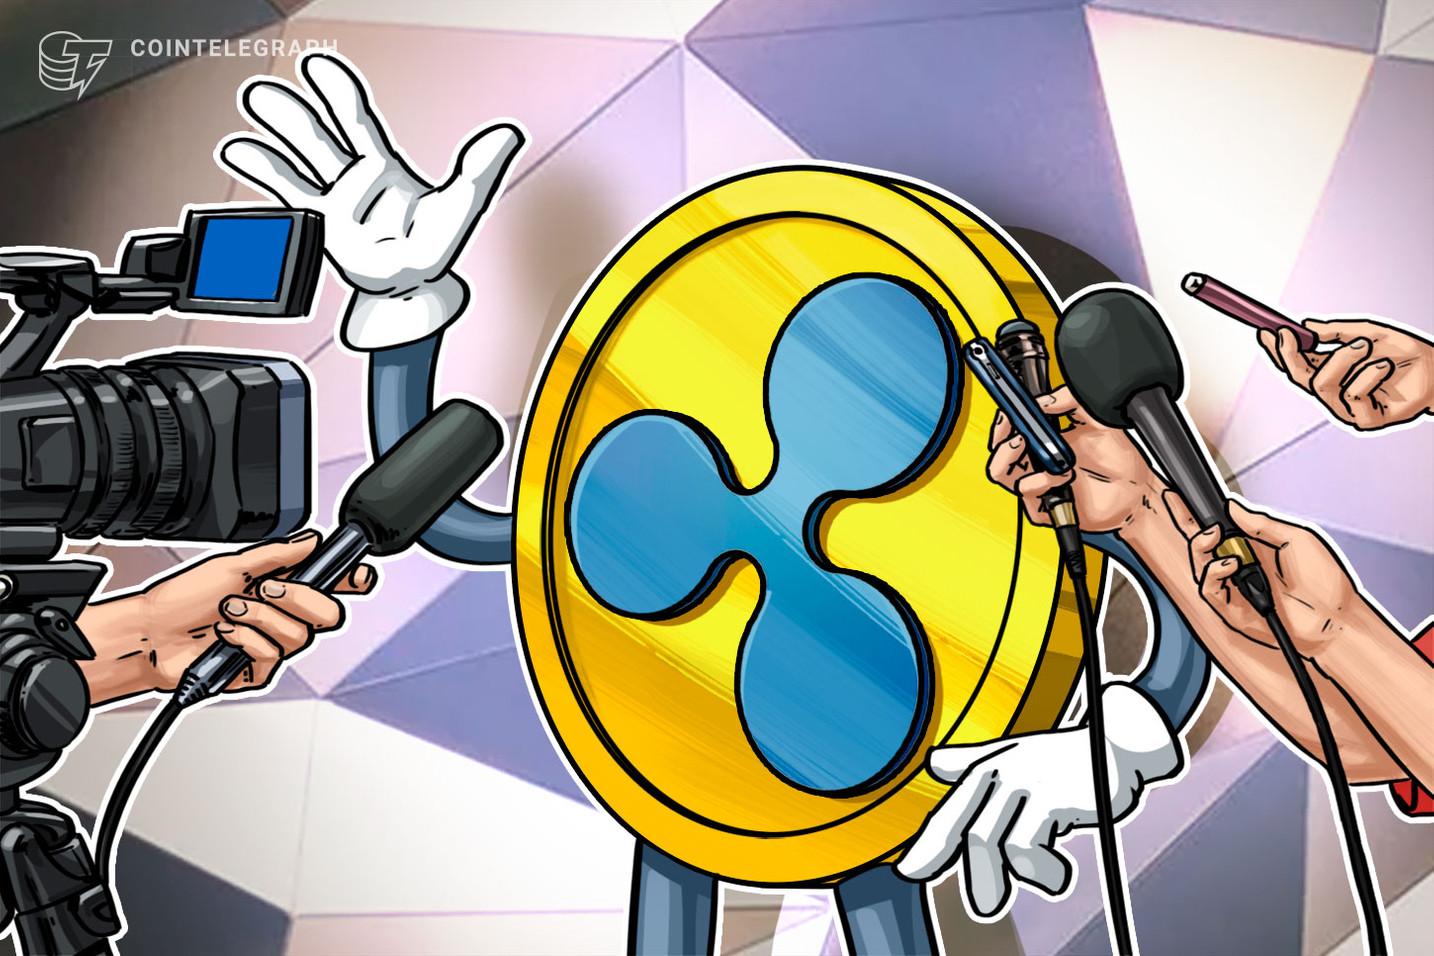 Ripple will mit Krypto-Koalition Aufsichtsbehörden für Krypto und Blockchain gewinnen